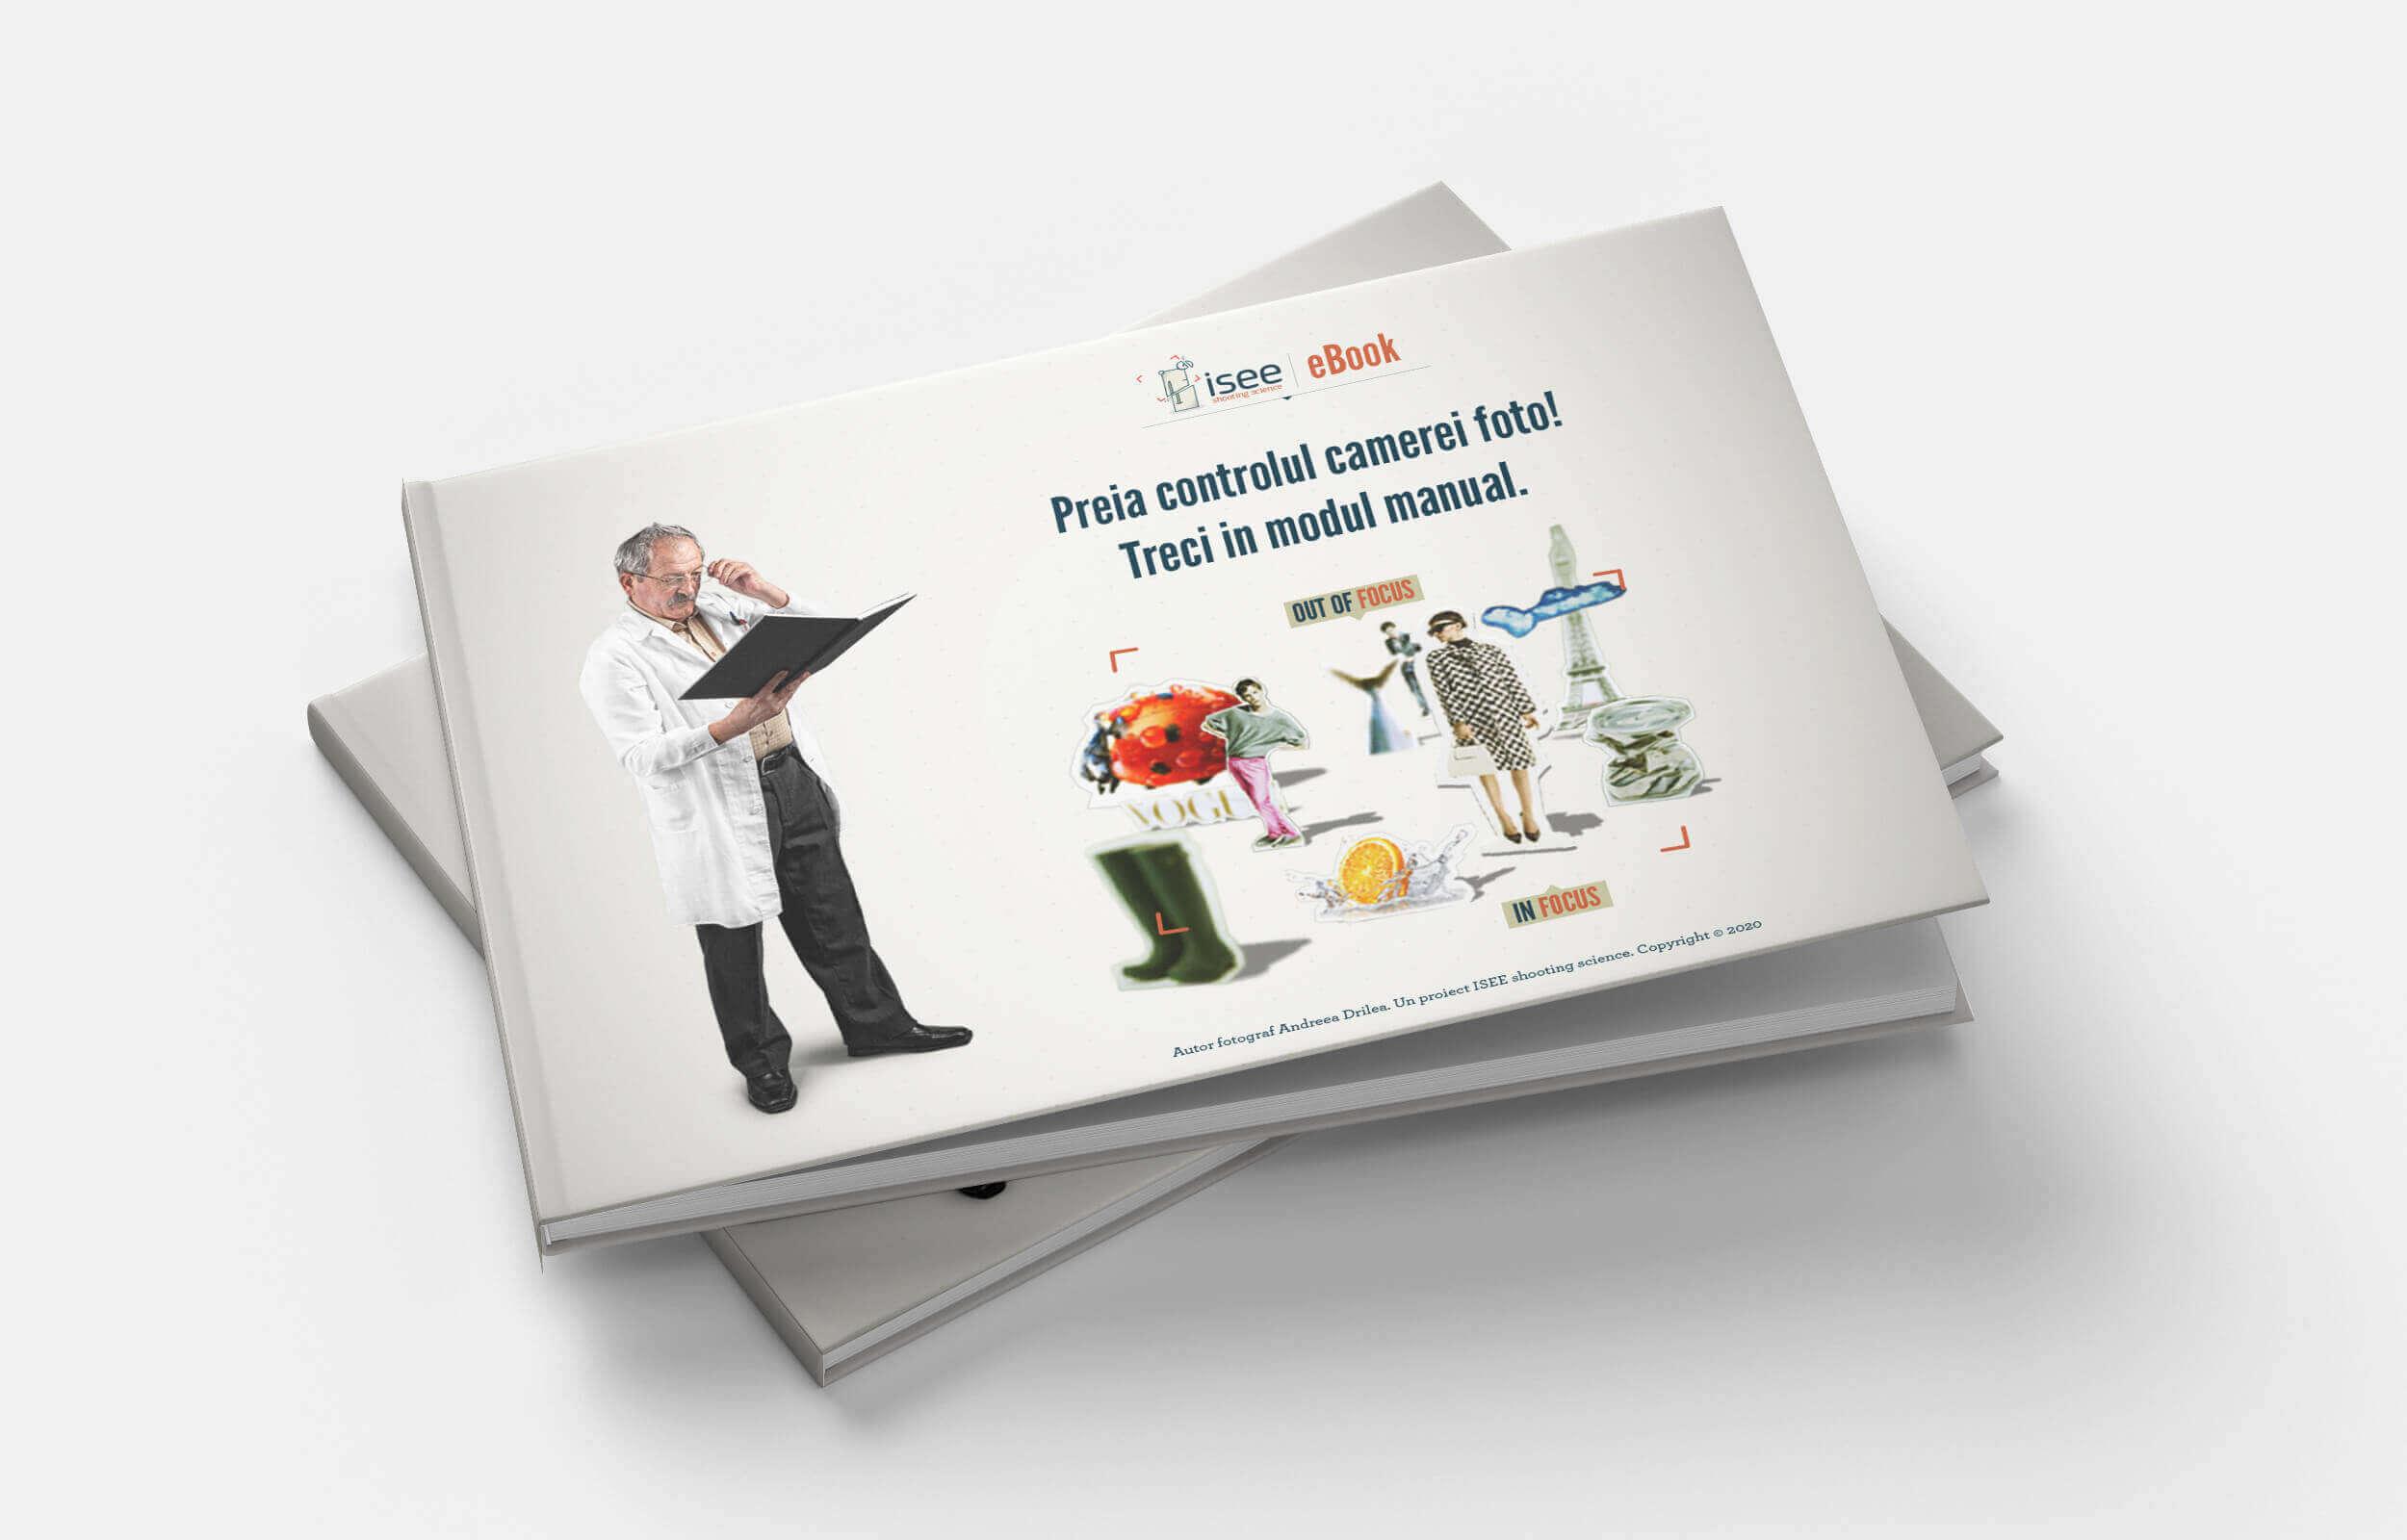 curs fotografie gratuit incepatori ebook pdf